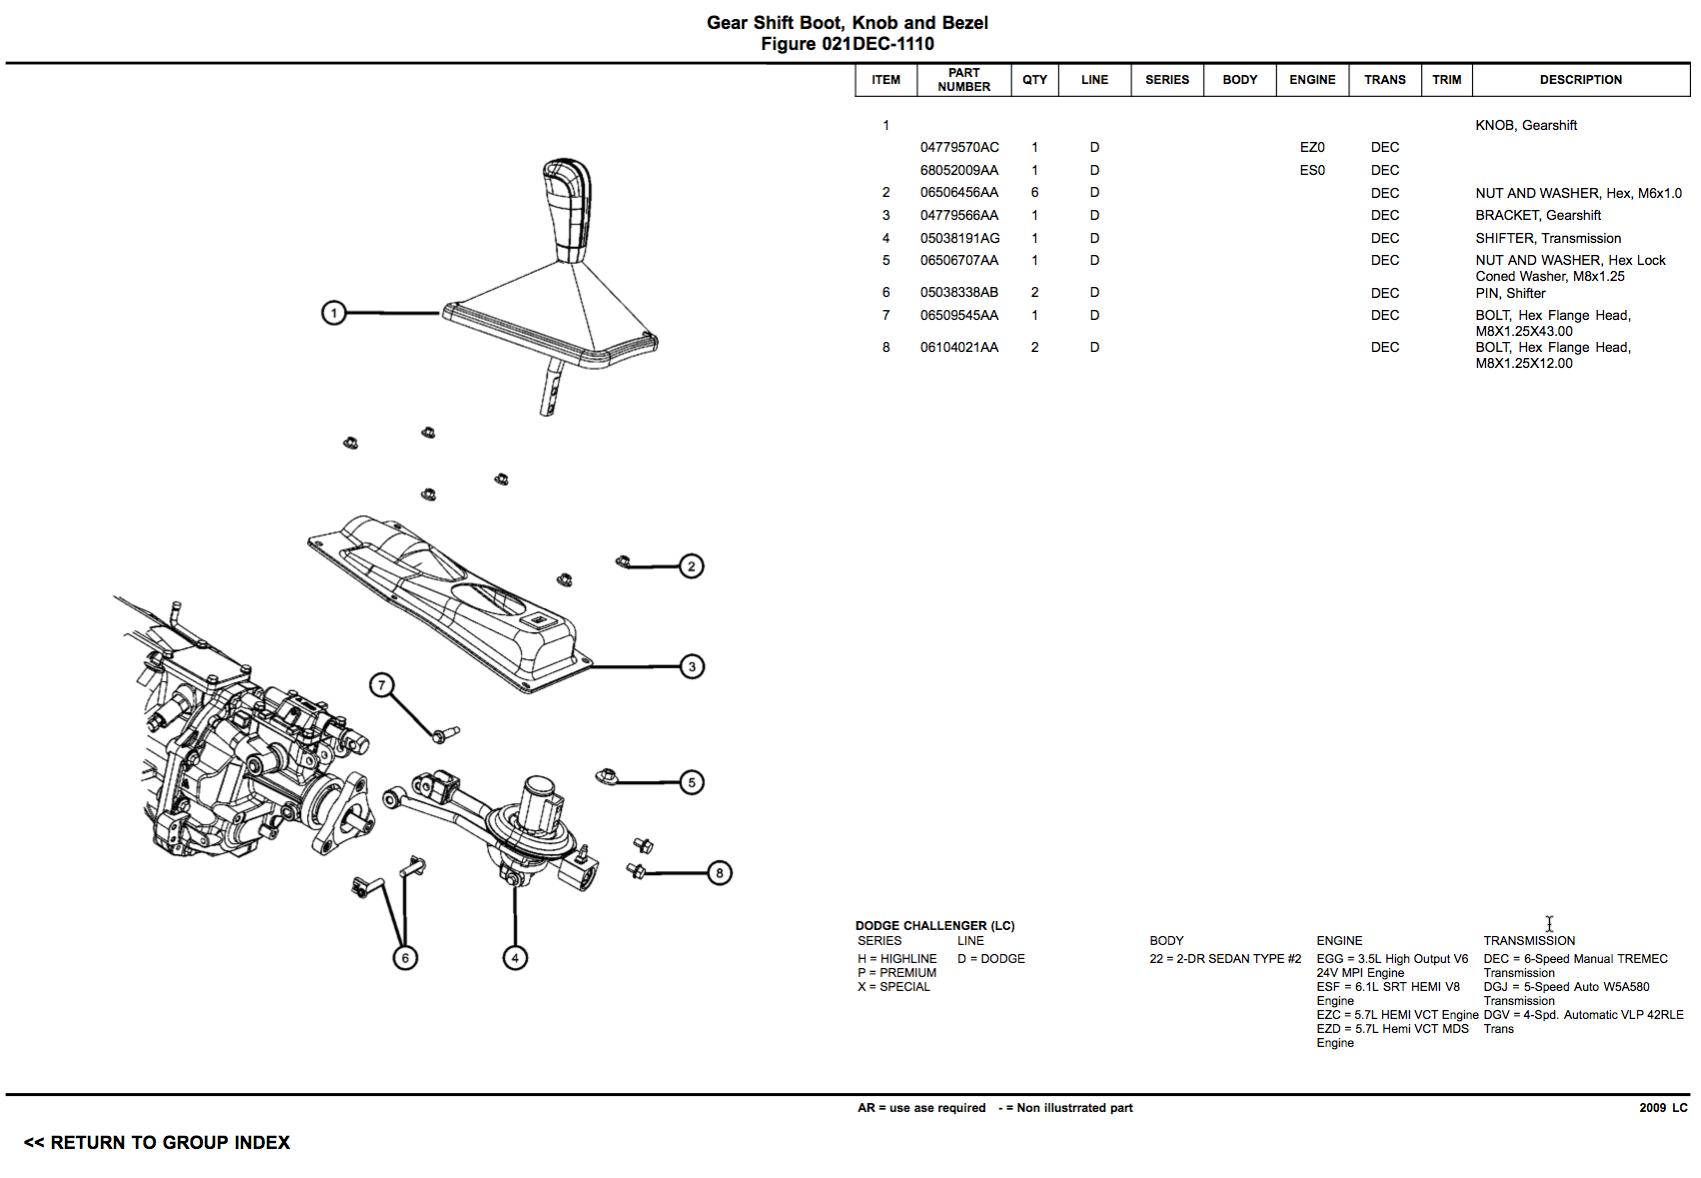 Sloppy Stock Manual Shifter